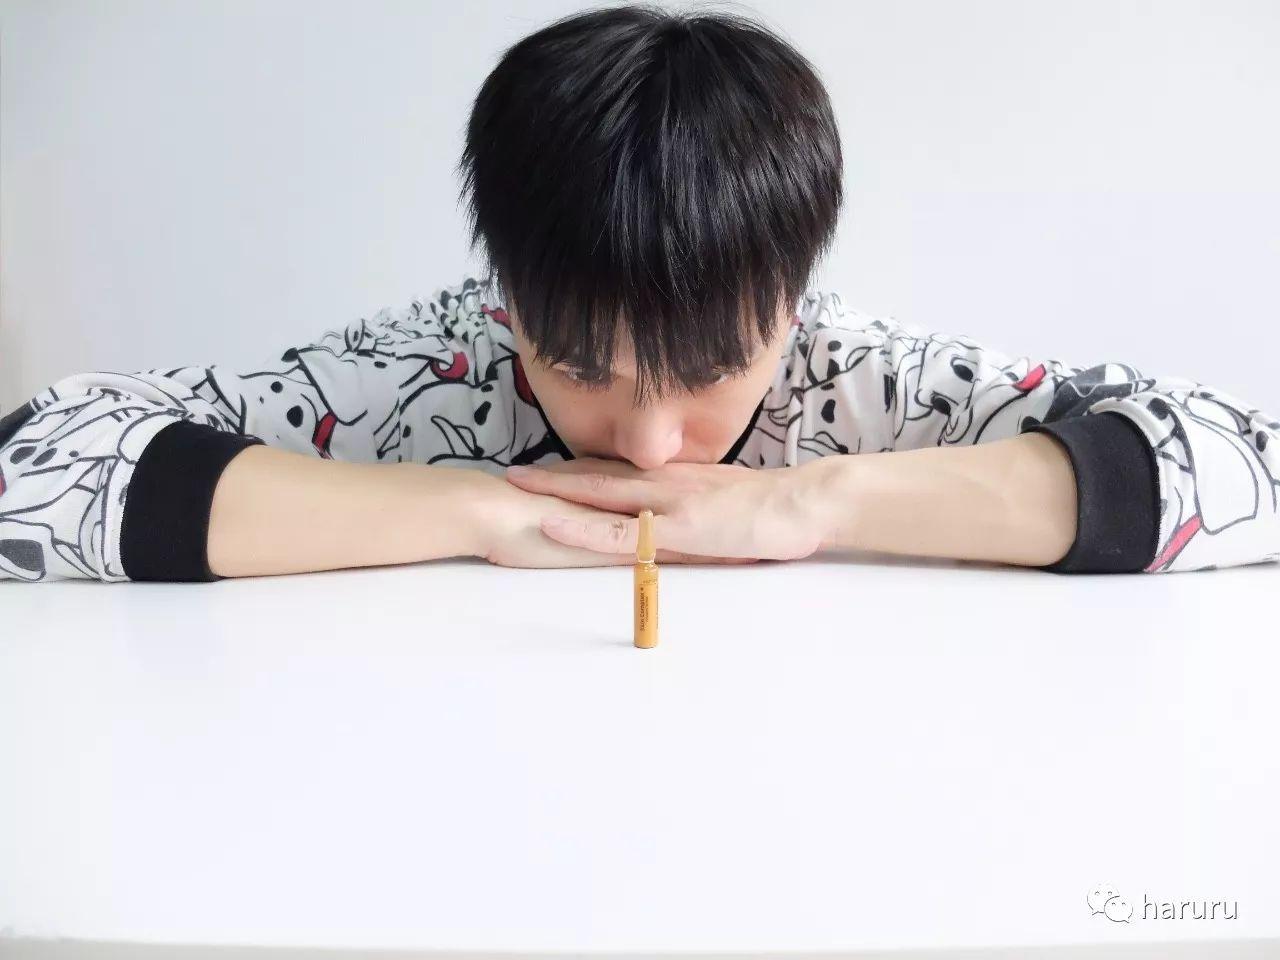 刘邦哭了:我对他们这么好,为什么总想干掉我?!